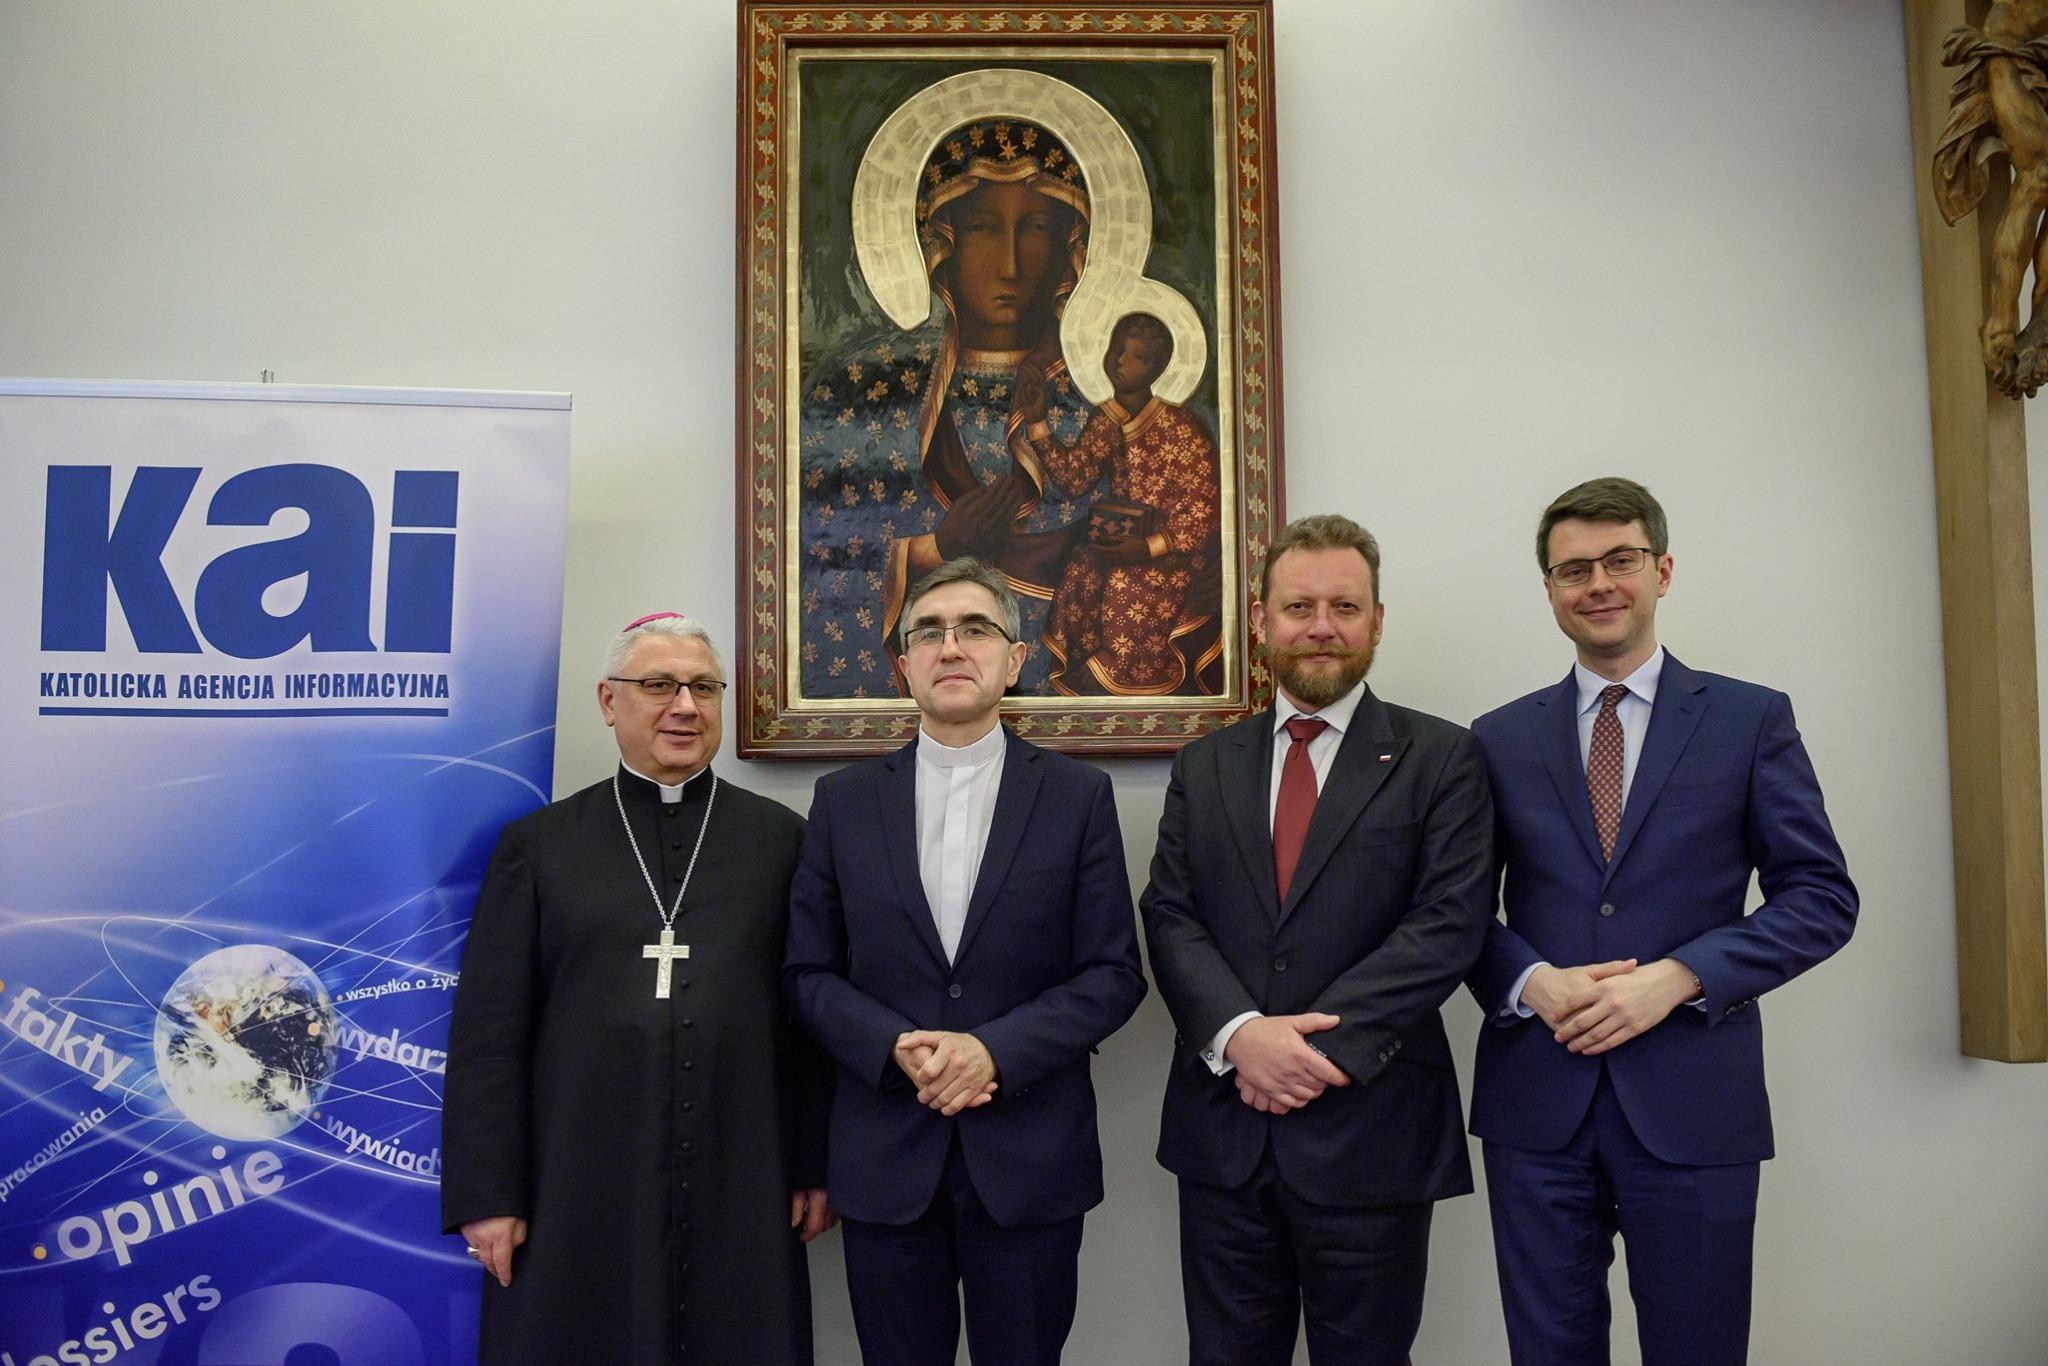 Rekrutację na nowo otwartym kierunku lekarskim uruchomi wkrótce Uniwersytet Kardynała Stefana Wyszyńskiego w Warszawie